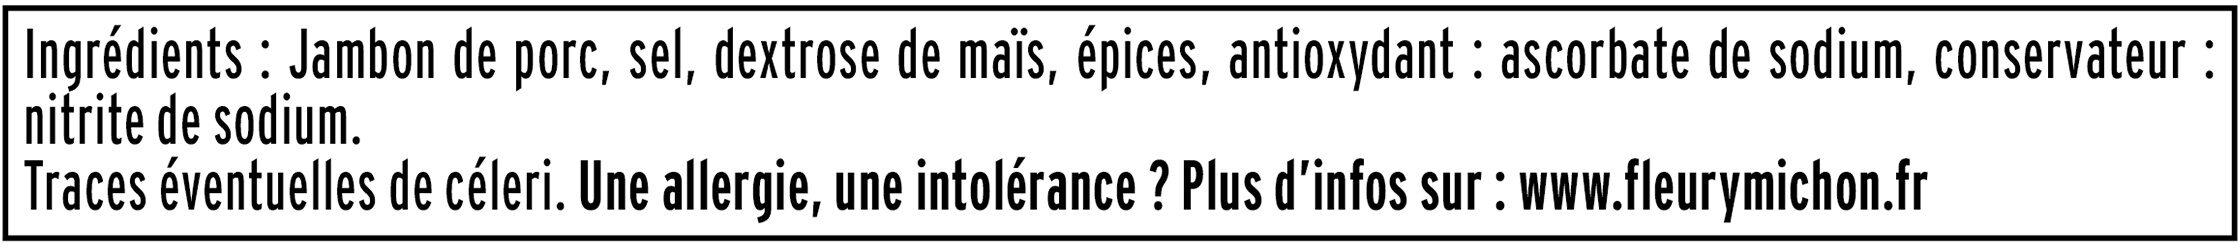 Le Paris sans couenne - 25% de Sel*- 4tr - Ingredients